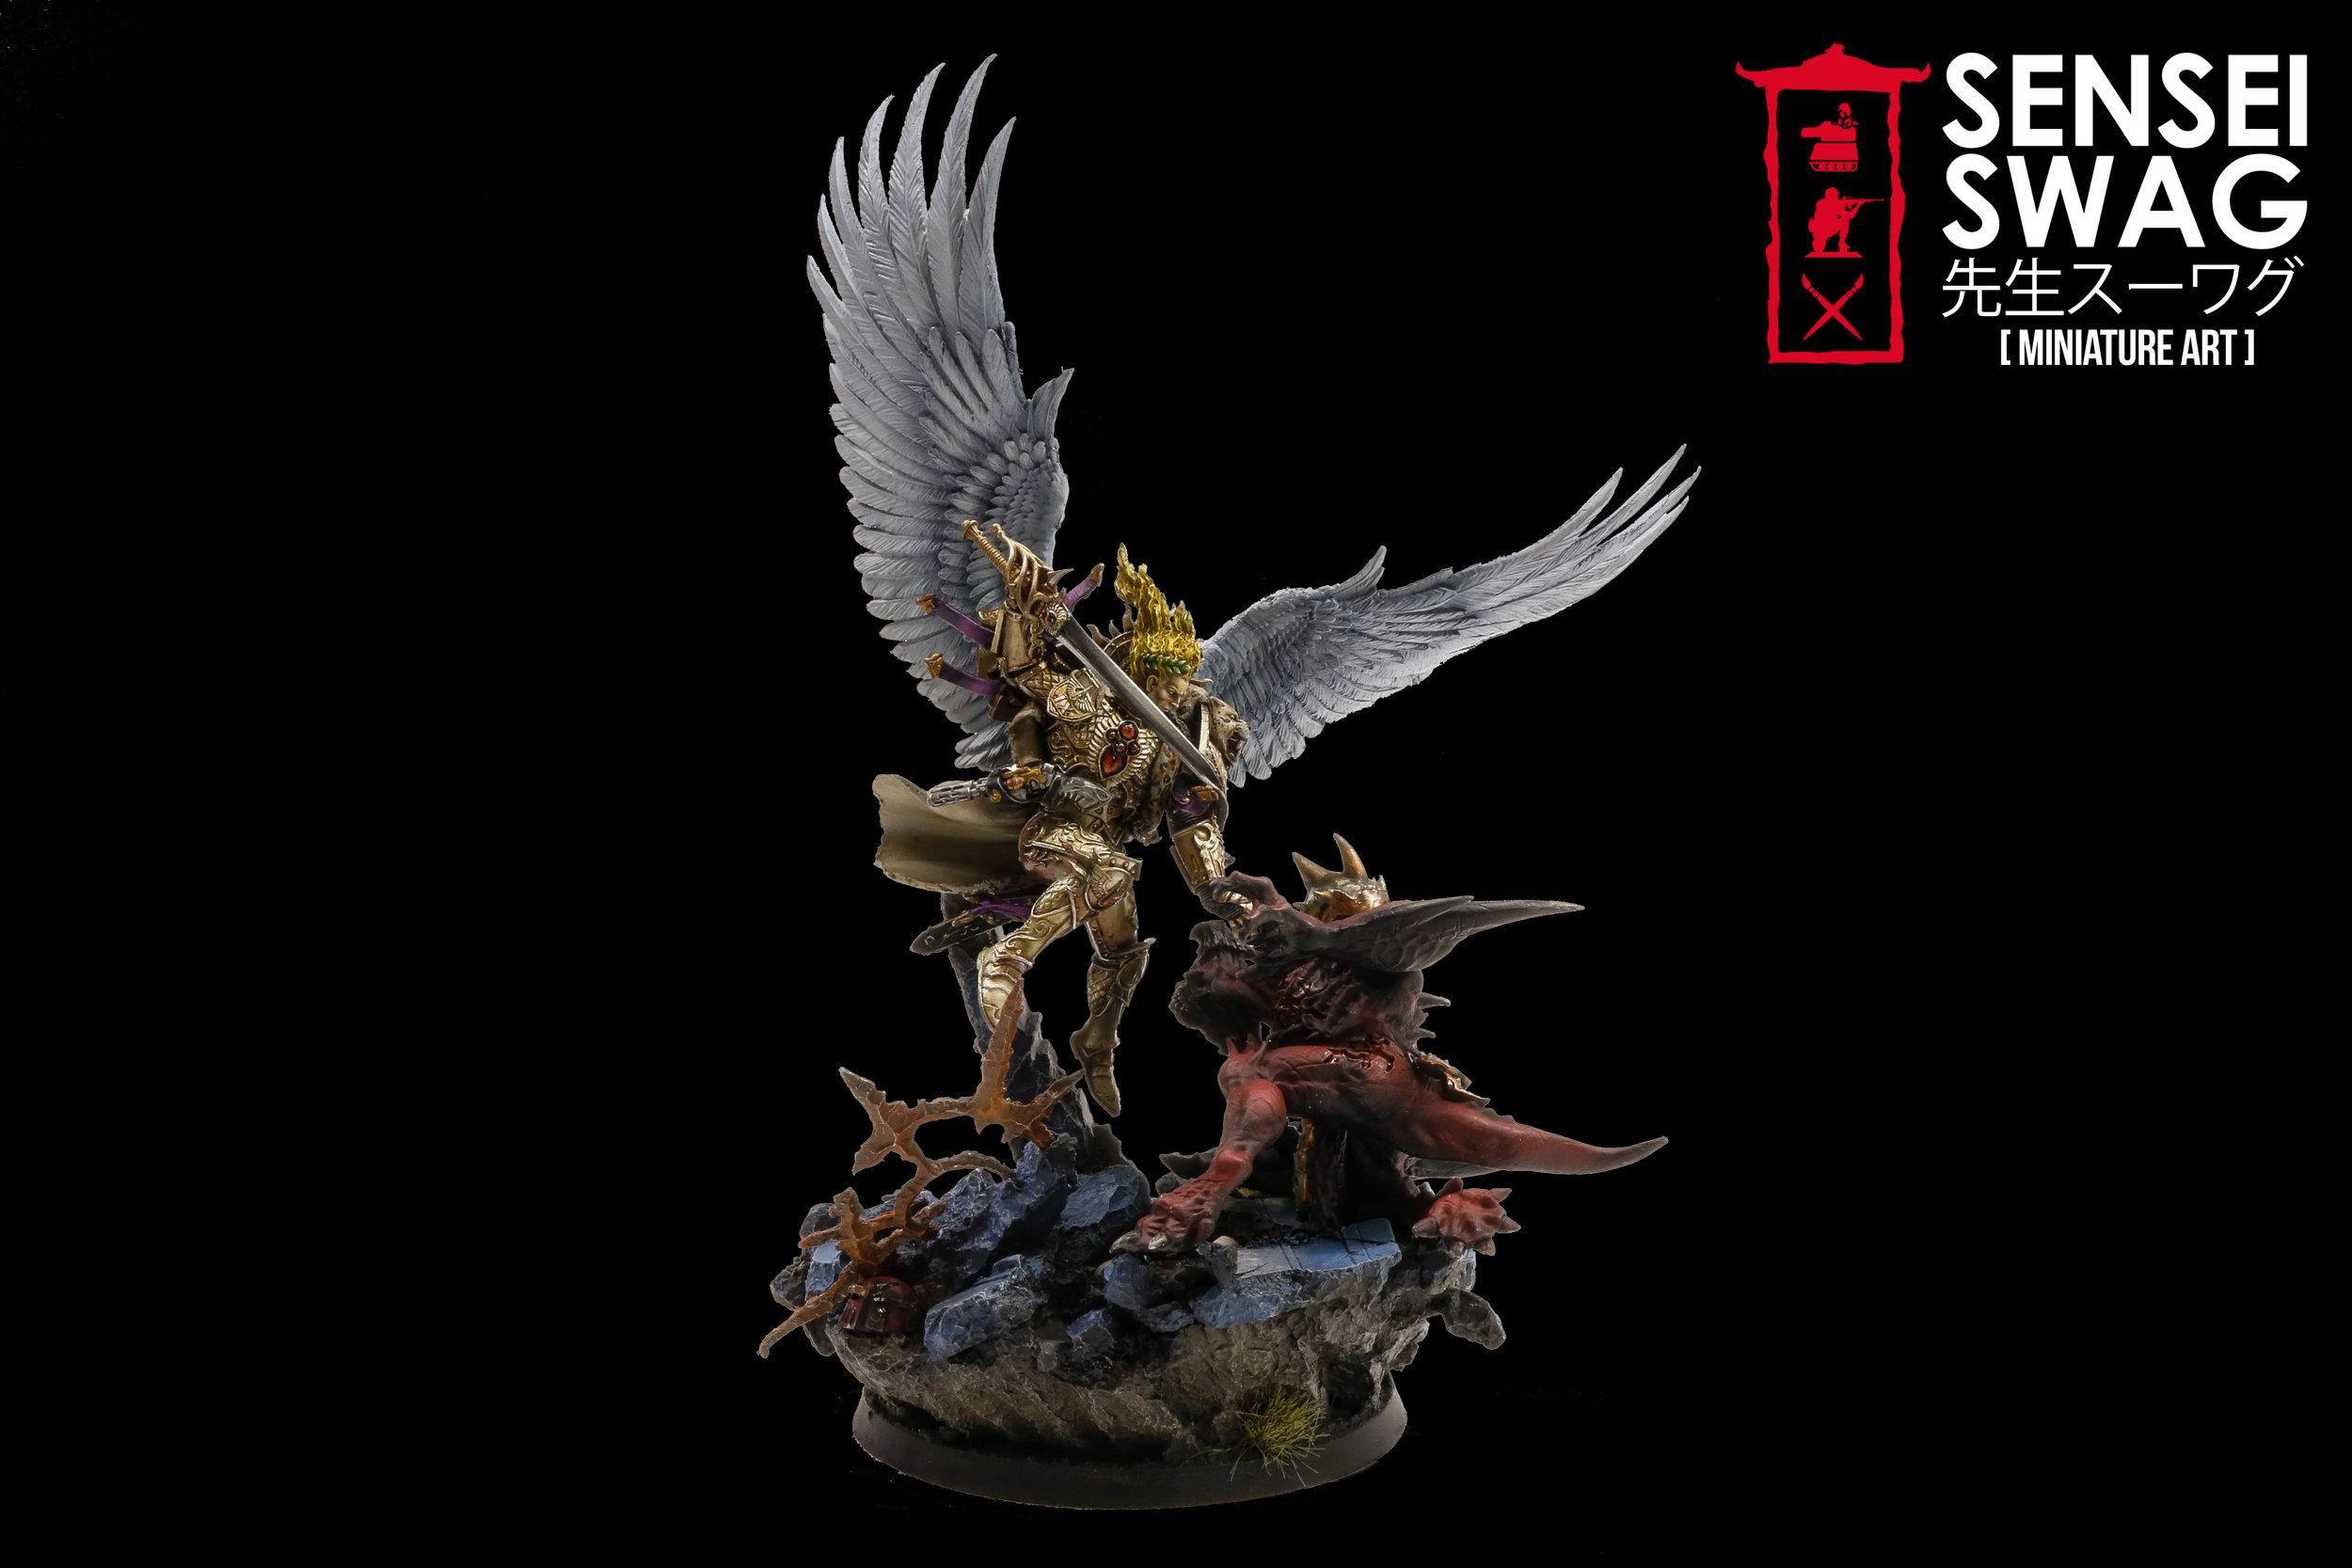 Sanguinius Forgeworld Primarch of the Blood Angels Legion Watermark-2.jpg